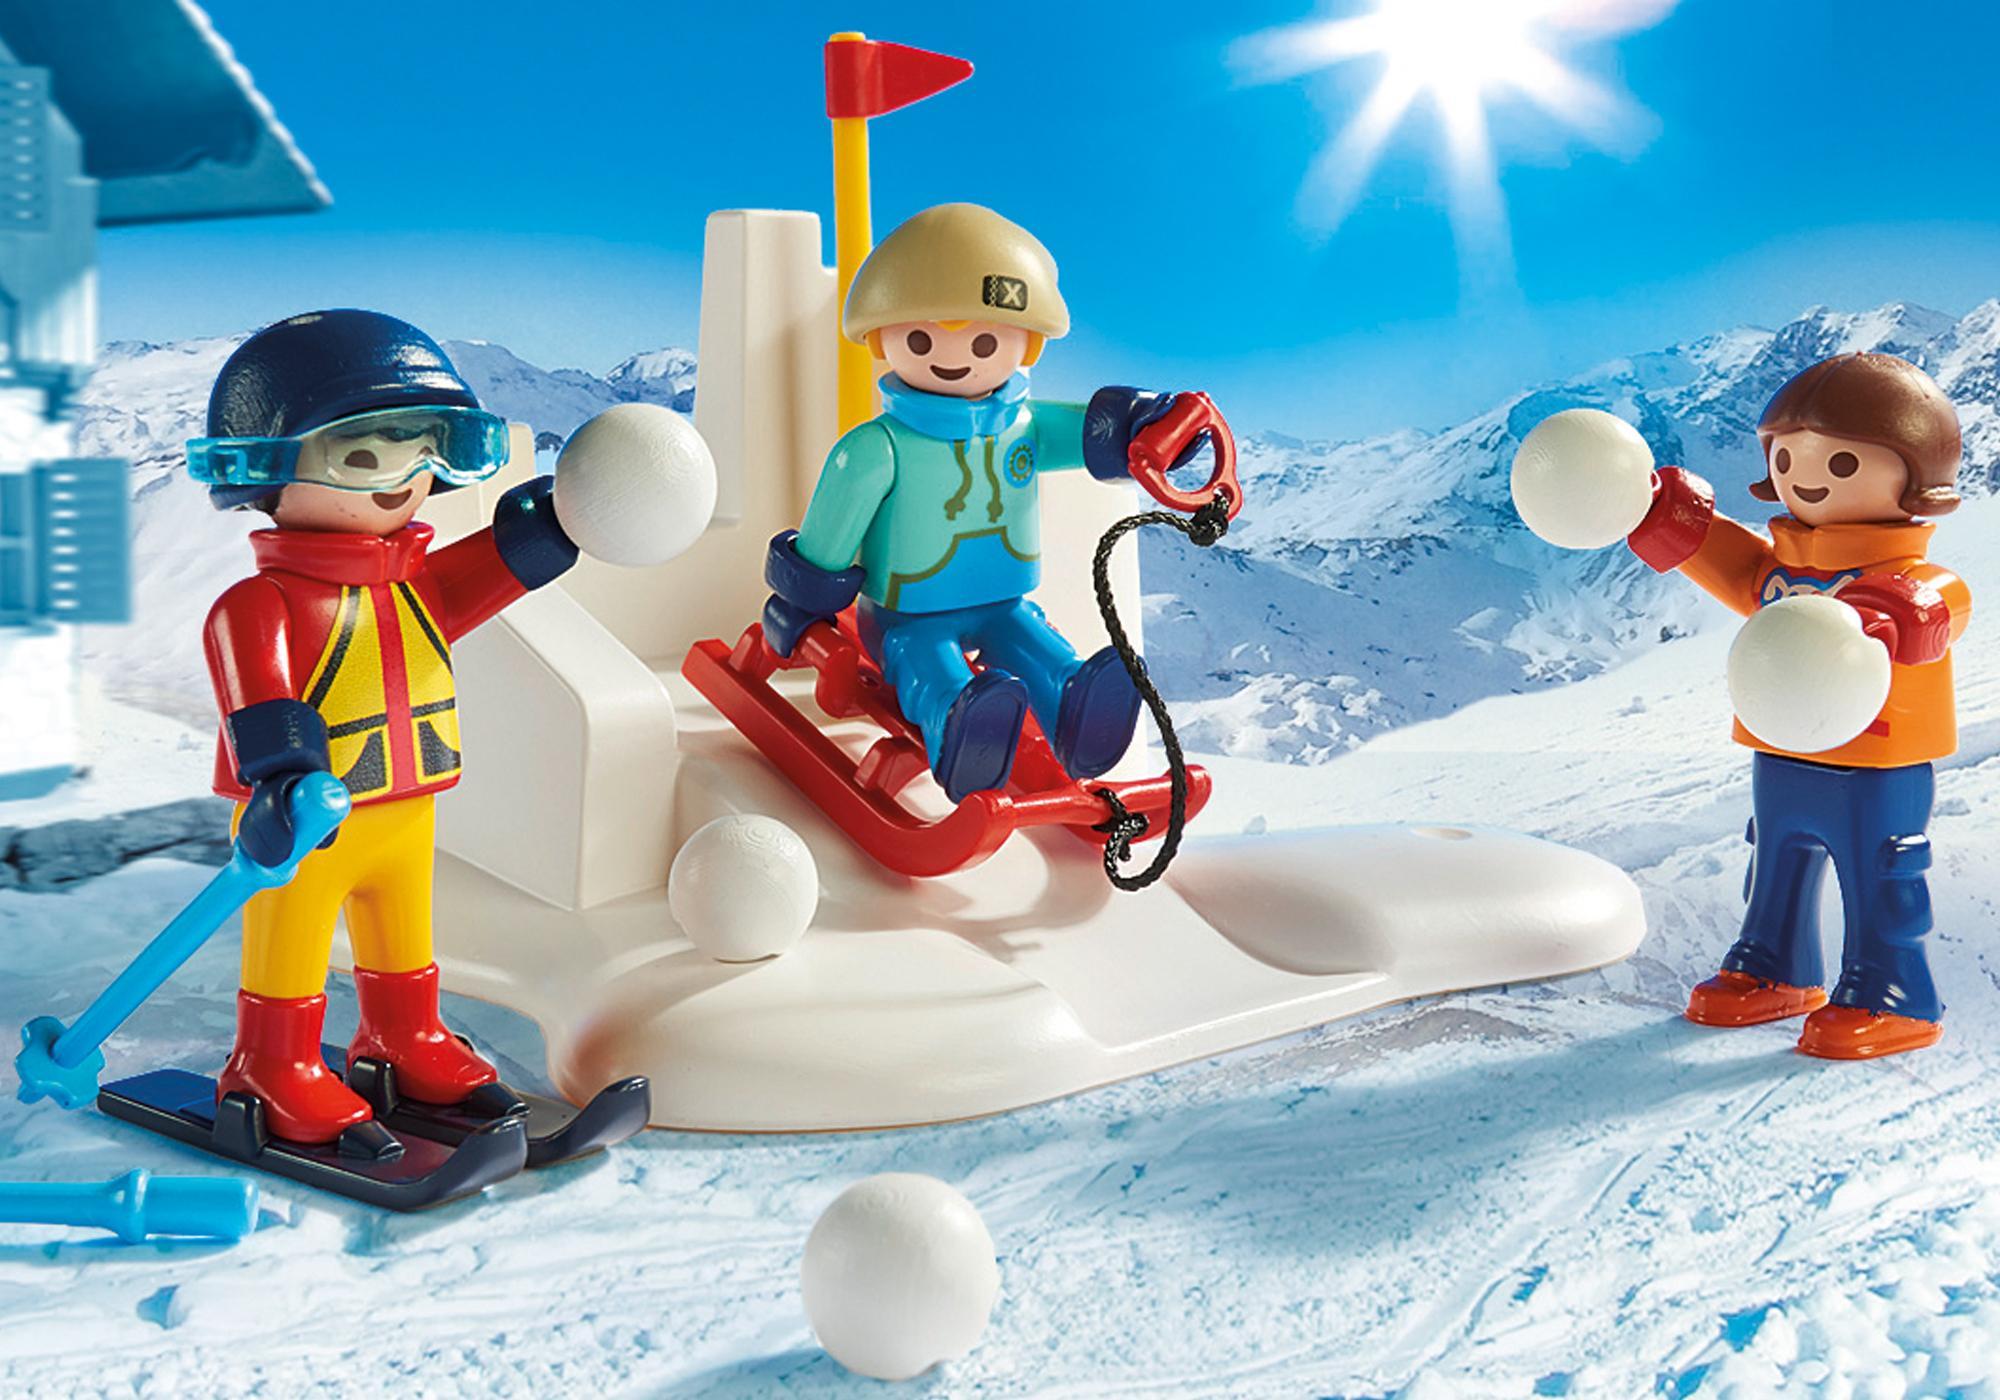 http://media.playmobil.com/i/playmobil/9283_product_extra1/Snöbollskrig